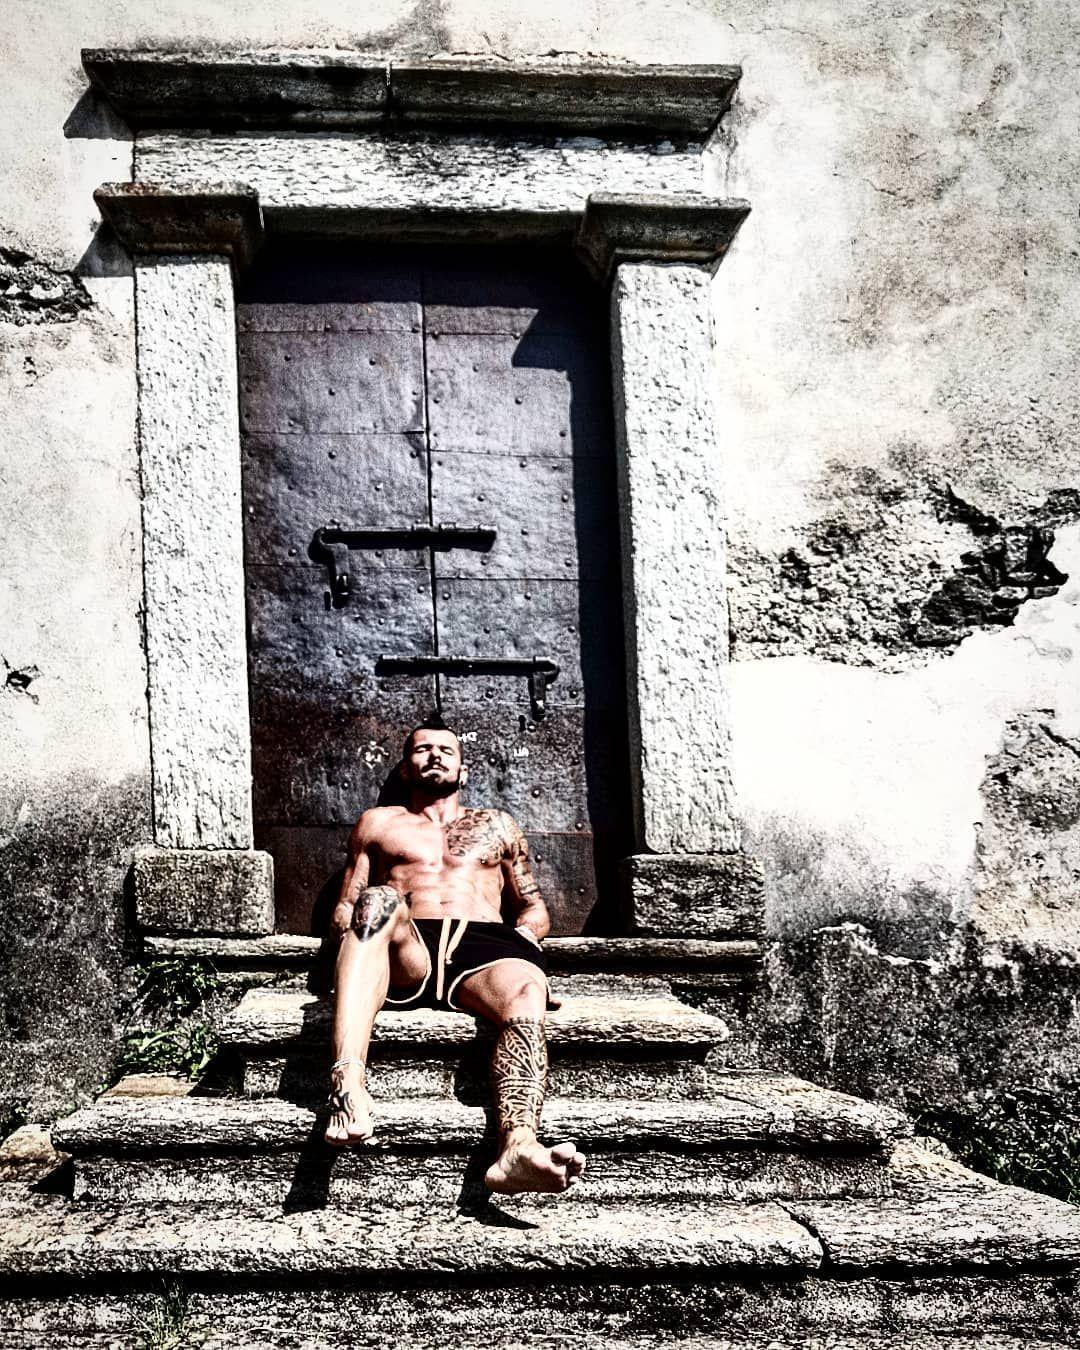 🏃 Ultimo giorno di vacanza, iniziamola nel migliore dei modi 🦍 __ __ __ __ #fotografiaurbana #fit #w...